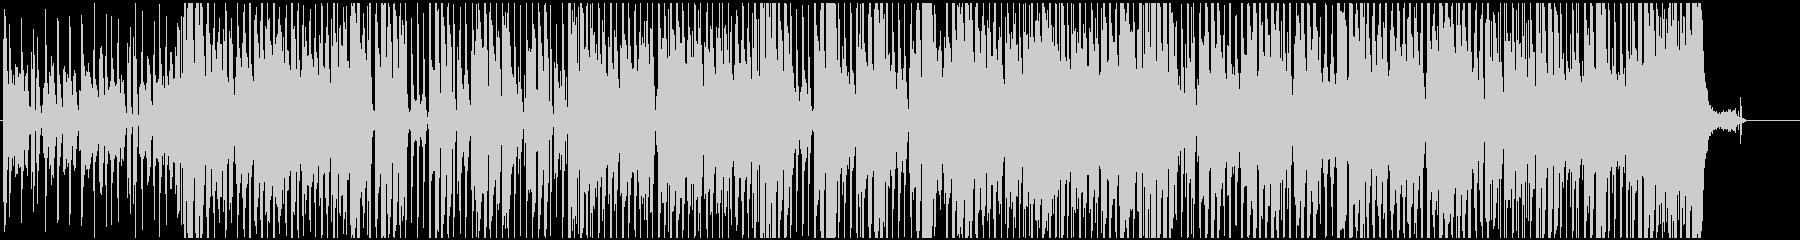 ノリノリで暖かい、ハッピーなBGMの未再生の波形